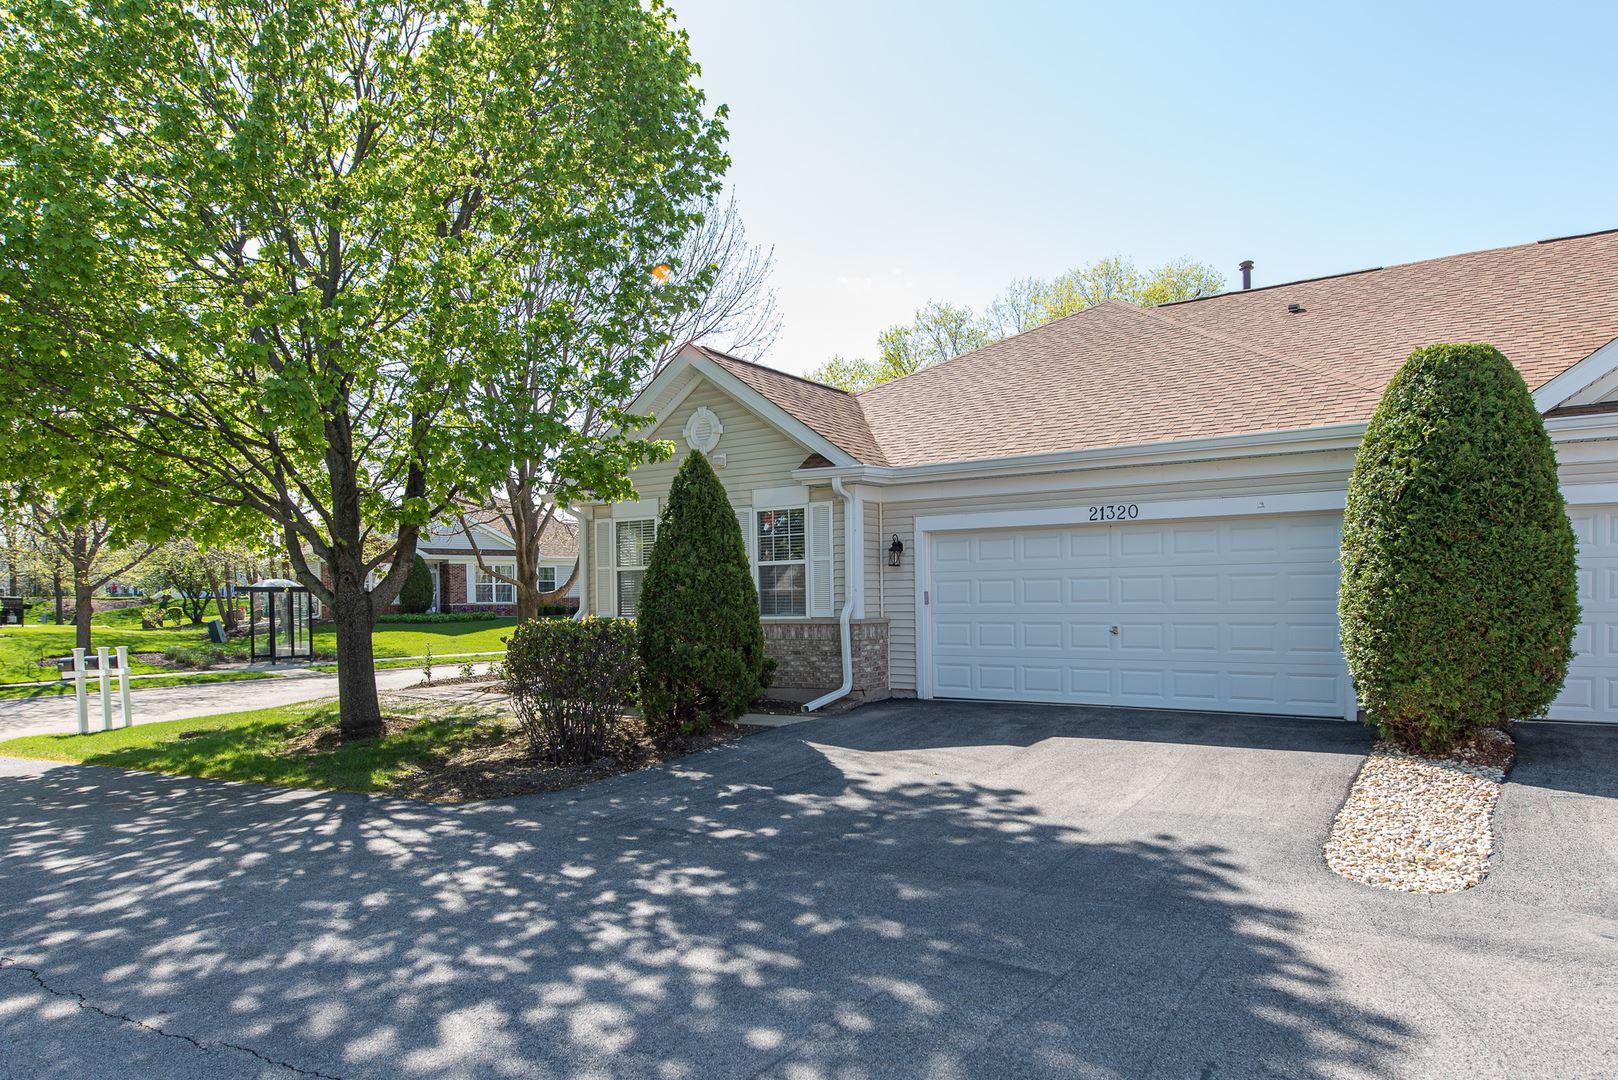 Photo of 21320 W Juniper Lane, Plainfield, IL 60544 (MLS # 11072810)